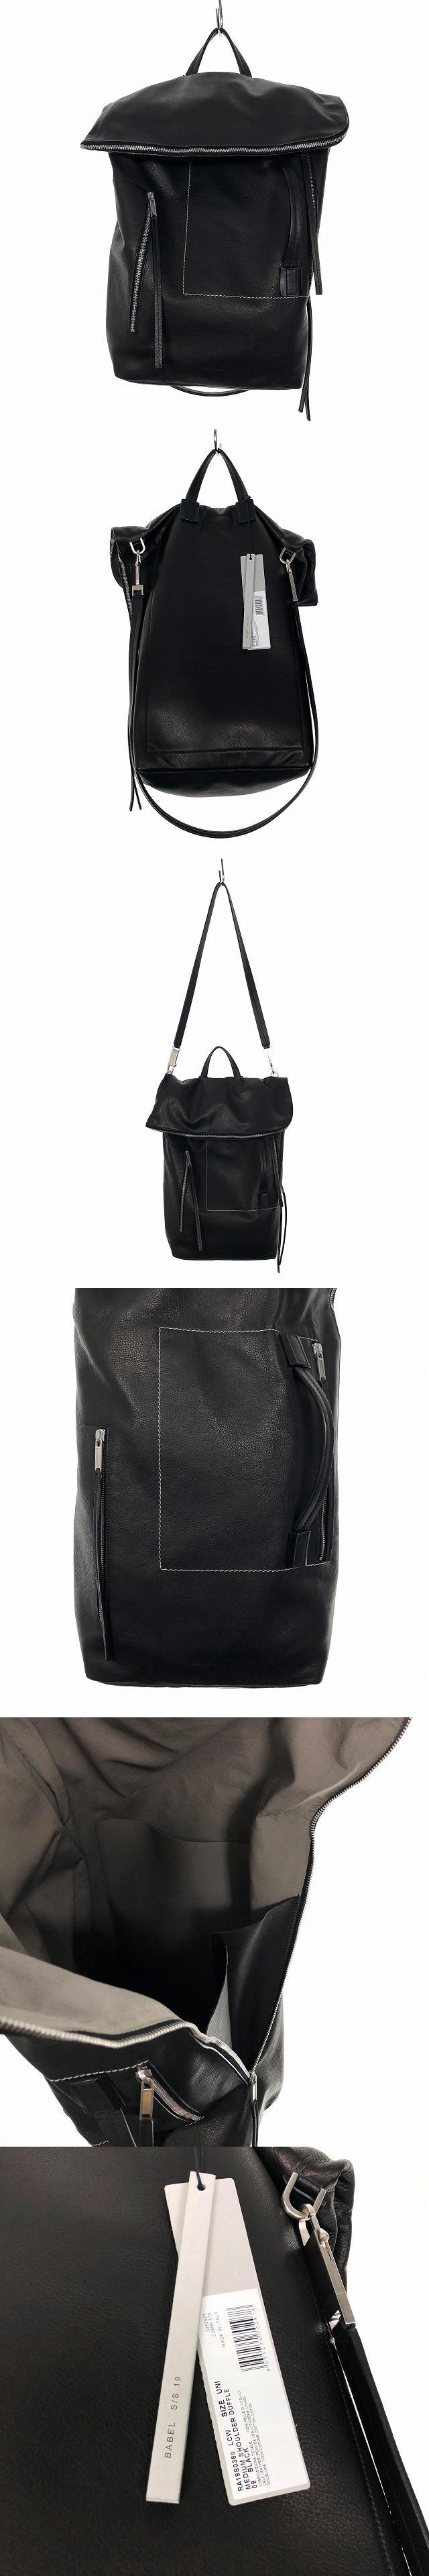 19SS レザー ショルダーバッグ MEDIUM SHOULDER DUFFLE ブラック 黒 RA19S0369 LCW